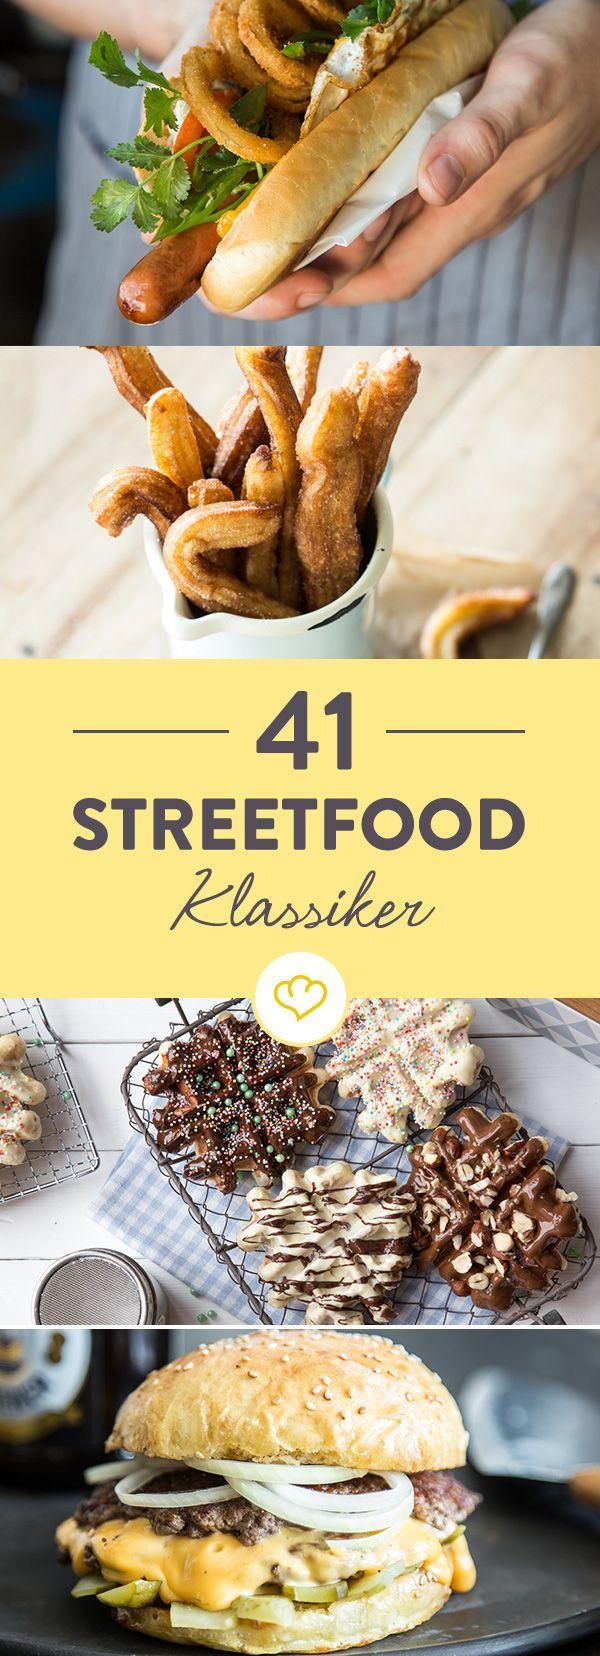 Du liebst Streetfood und möchtest die leckersten Rezepte bei dir zu Hause auf den Tisch bringen? Kein Problem, hier kommen 41 Ideen aus der ganzen Welt.